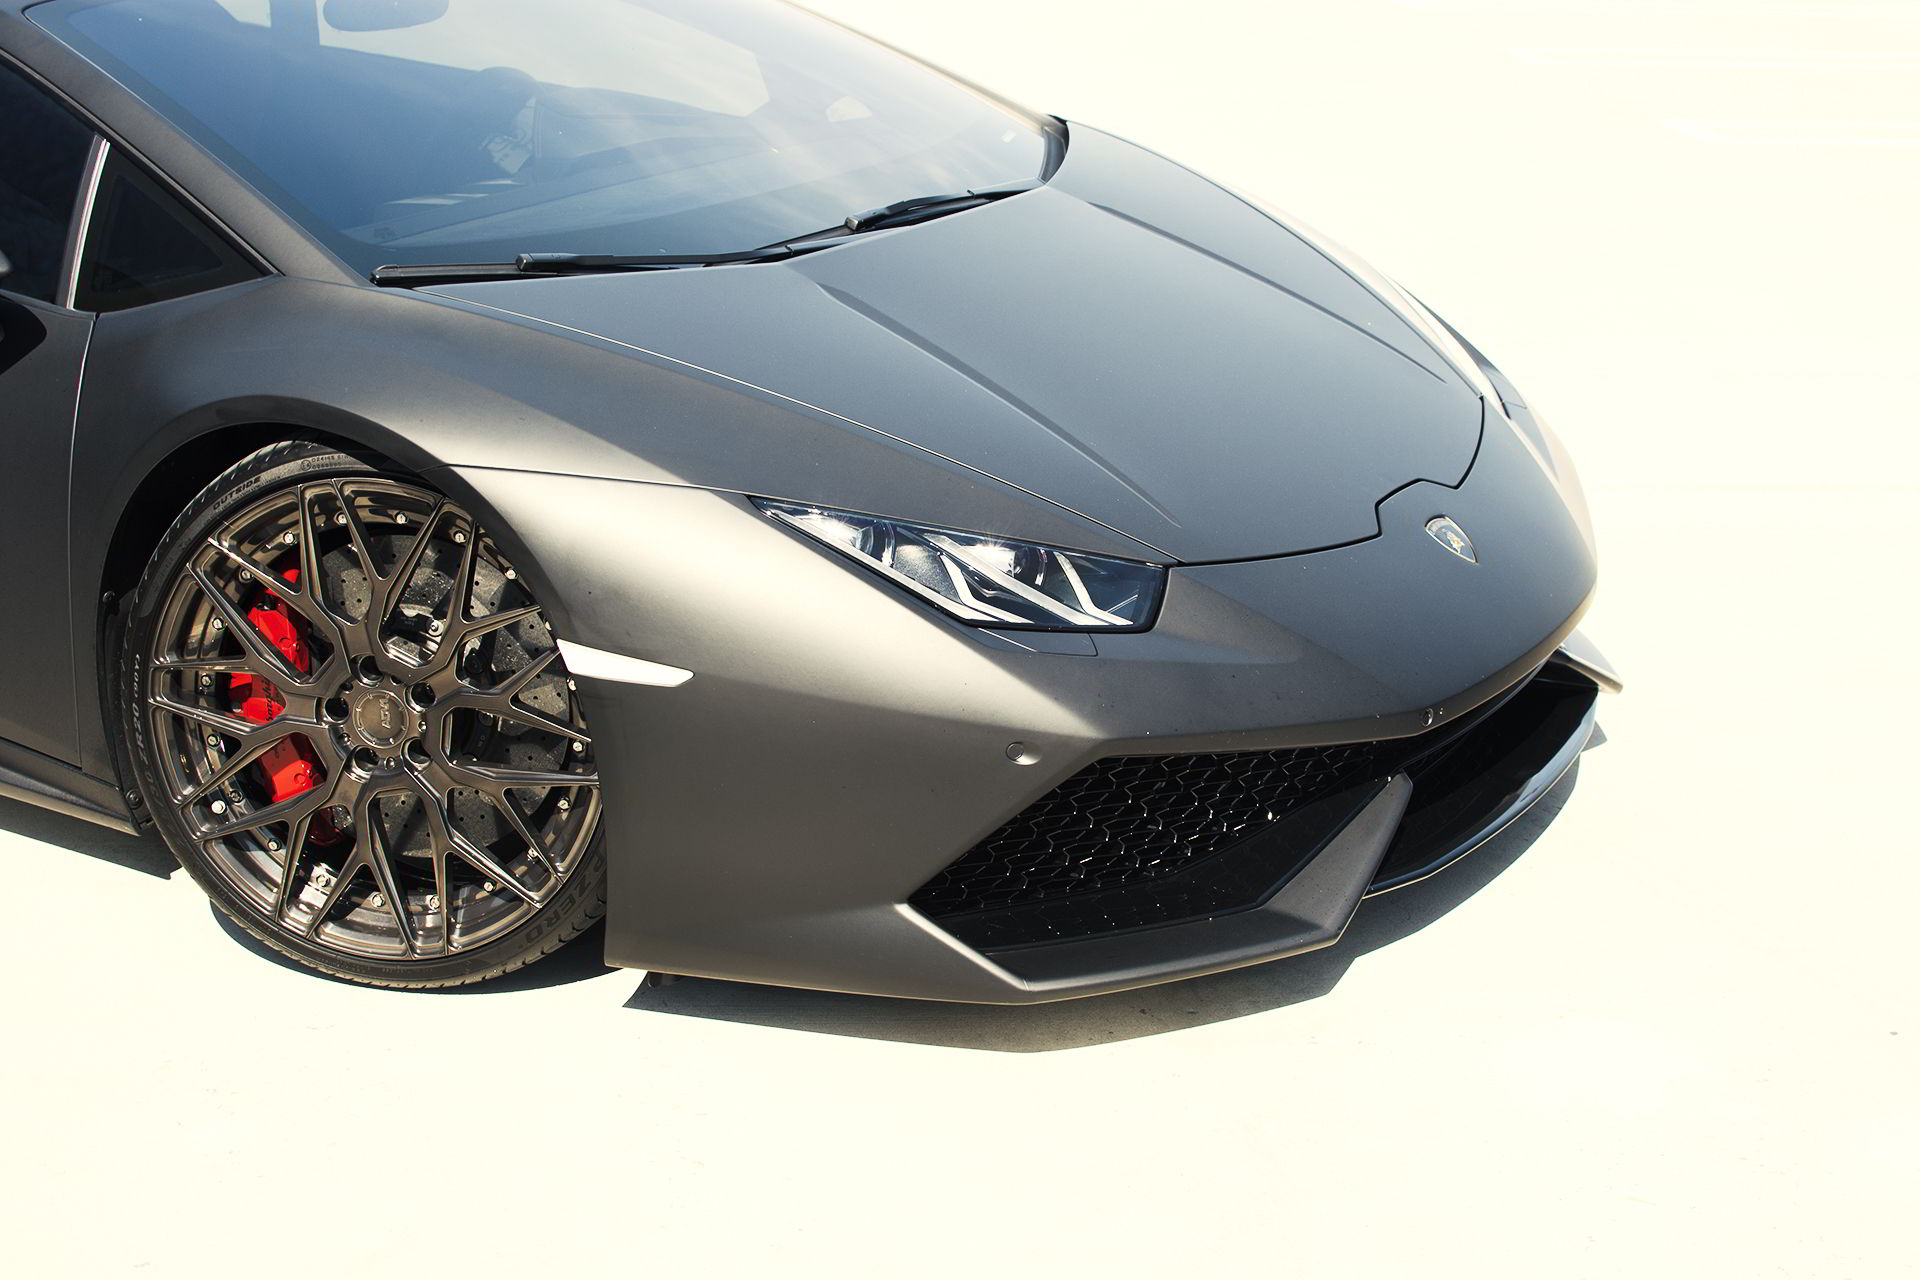 Lamborghini Huracan тюнинг GMG Racing